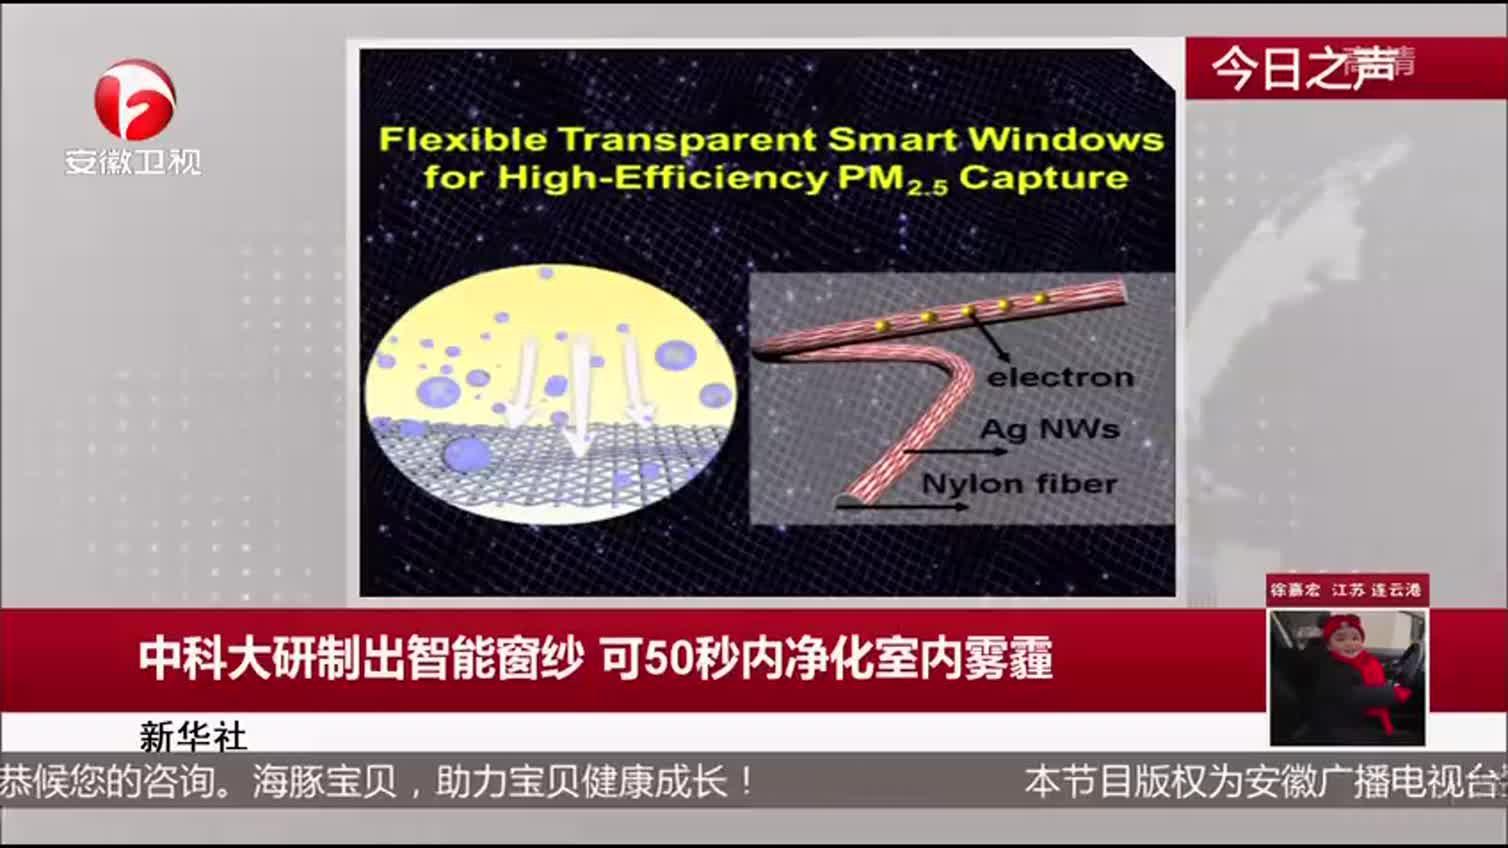 新华社:中科大研制出智能窗纱 可50秒内净化室内雾霾